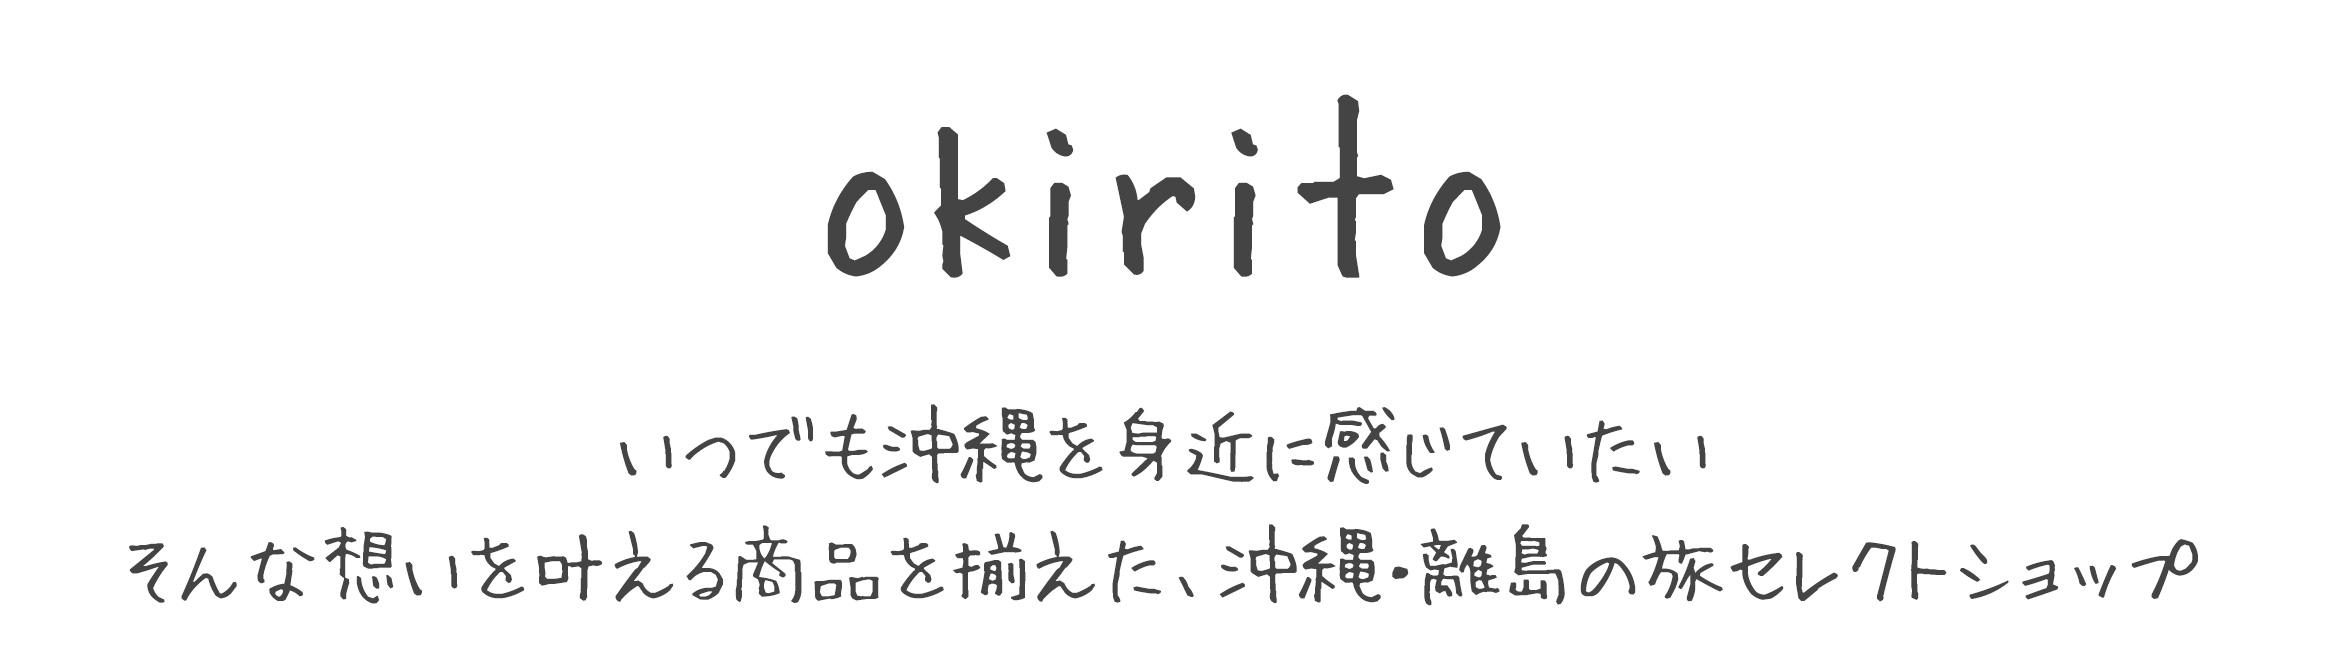 okirito